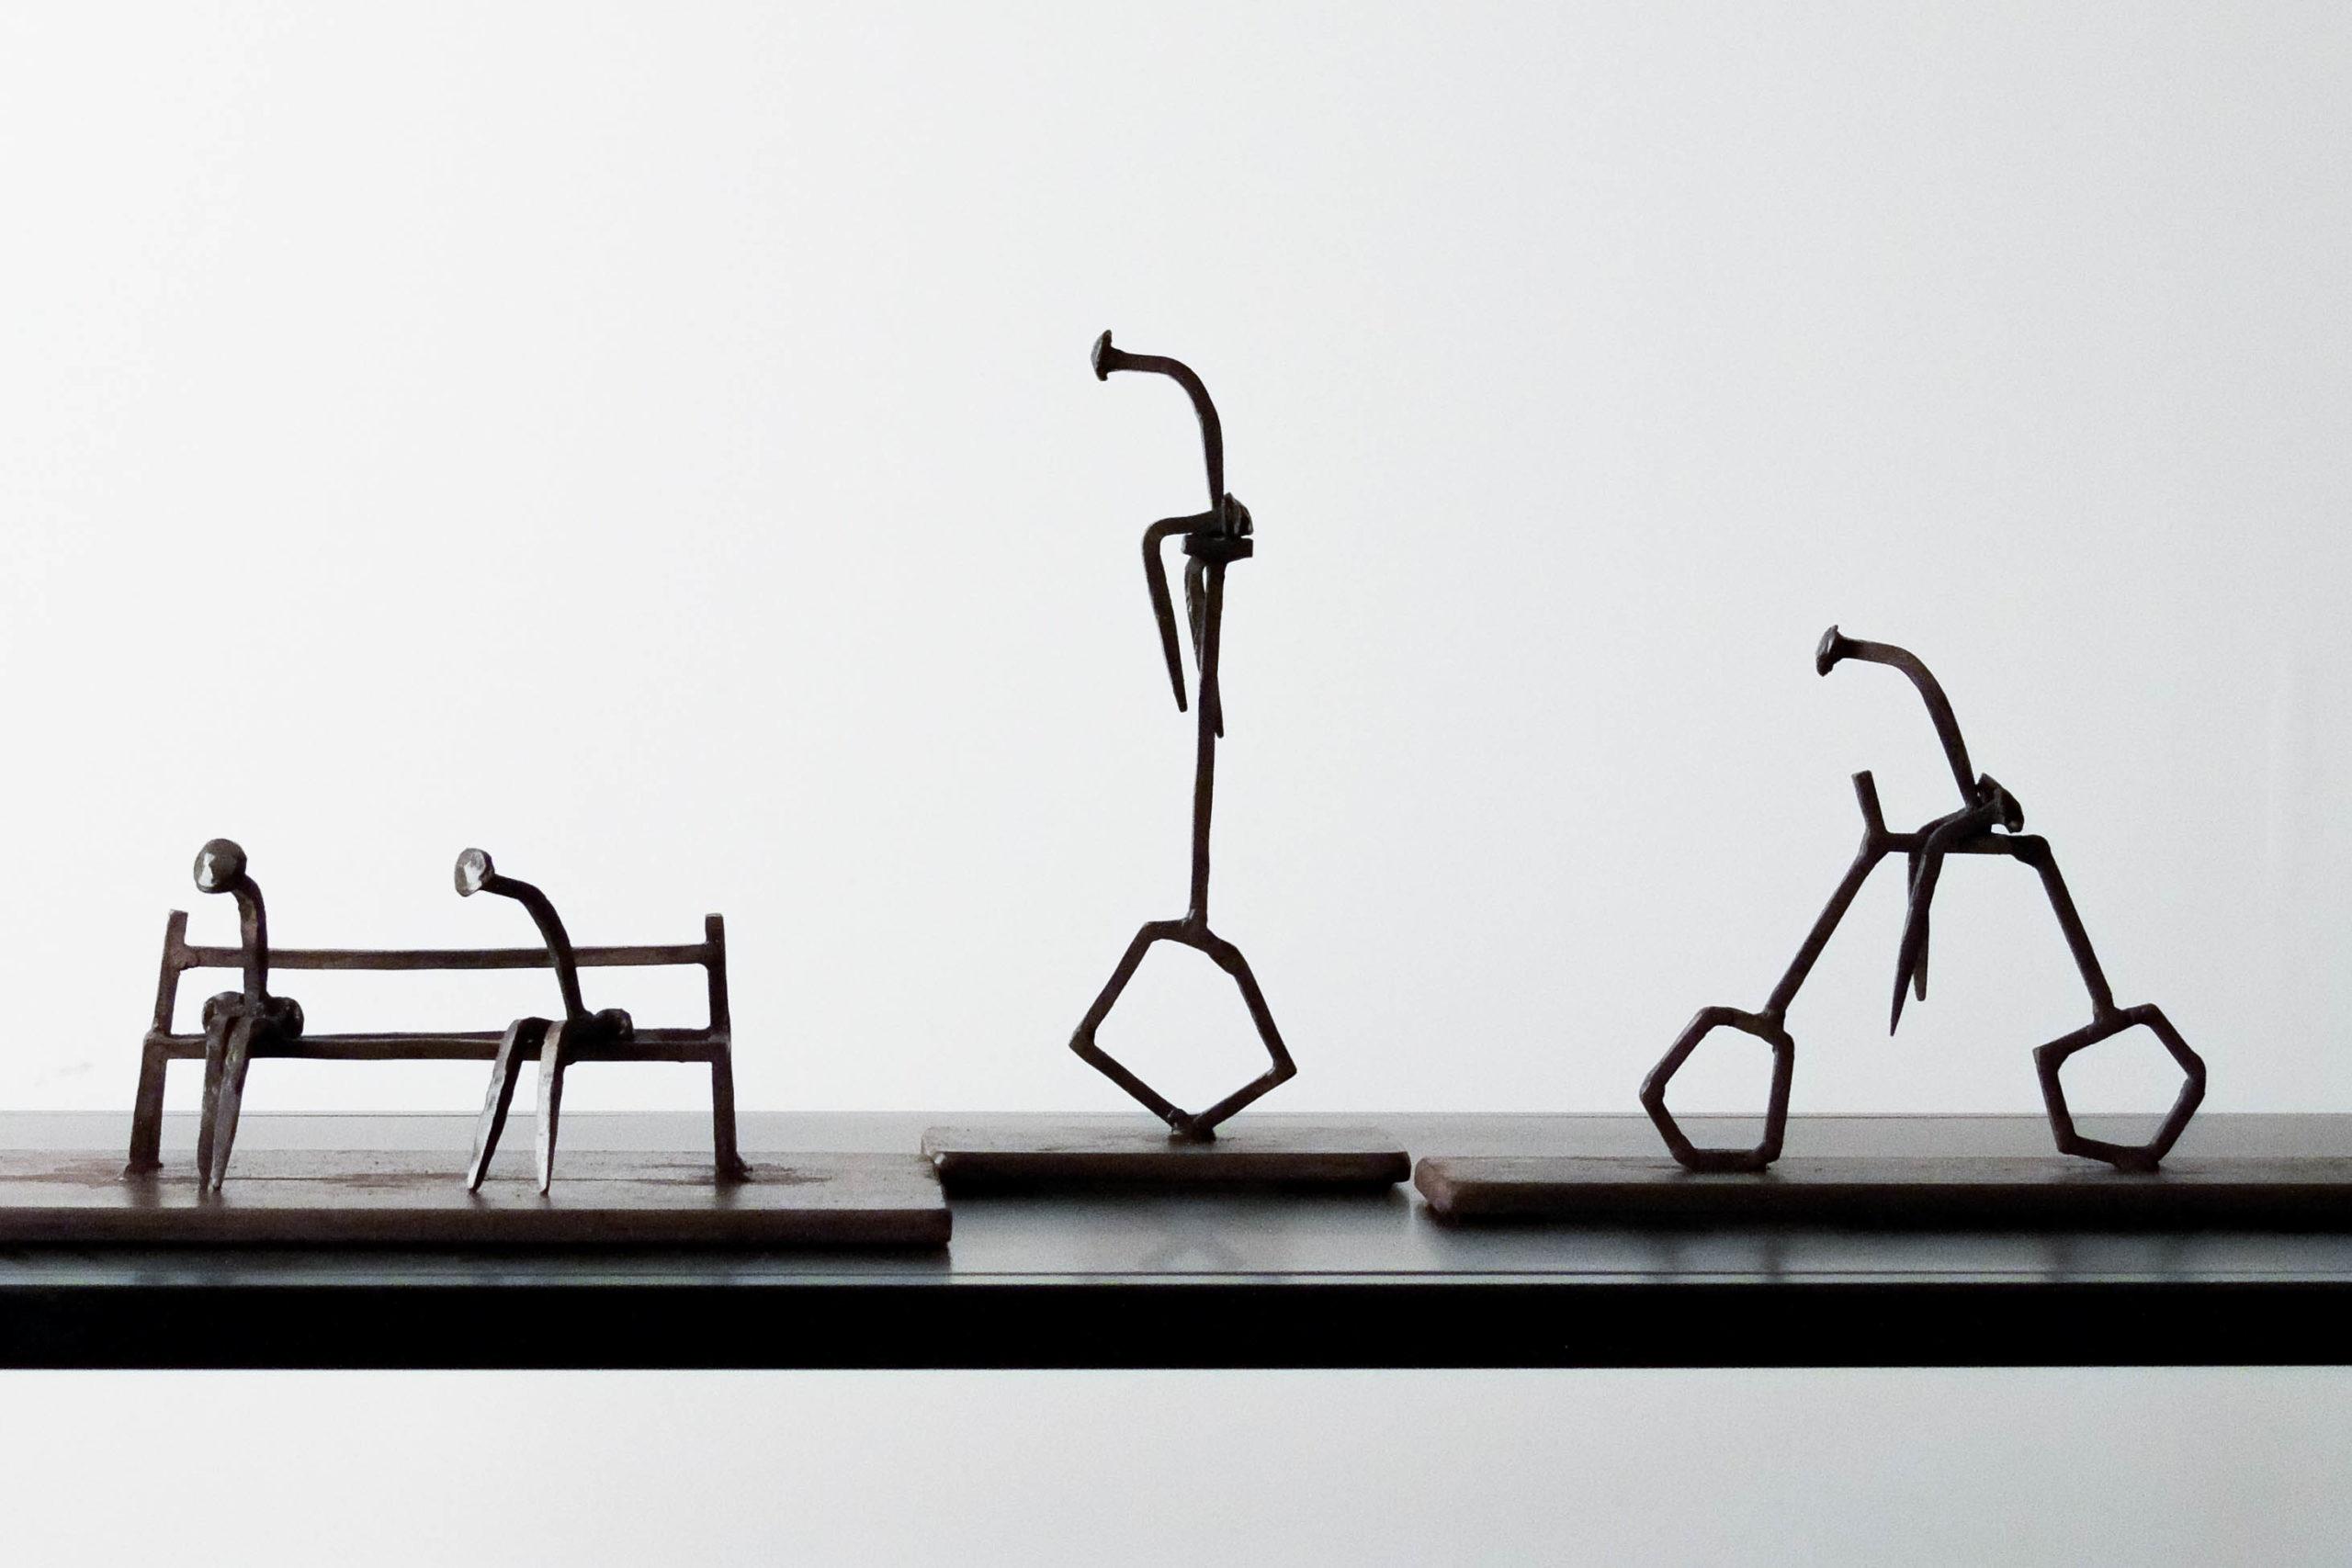 escultura emile gireau coruña arte diseño metal decoracion